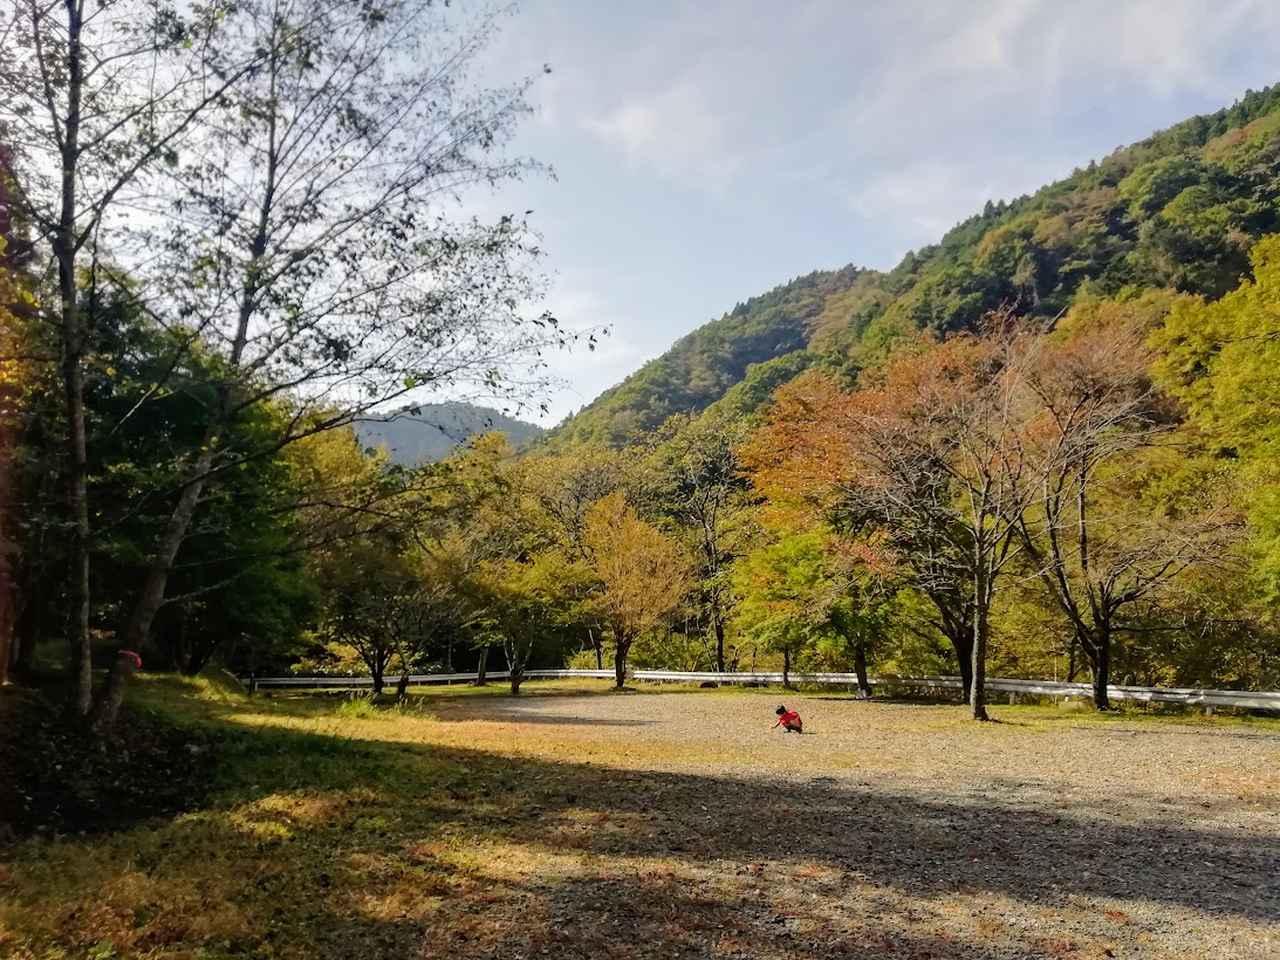 秋キャンプをトコトン楽しもう♪ 快適に過ごすための装備や楽しみ方を徹底解説!